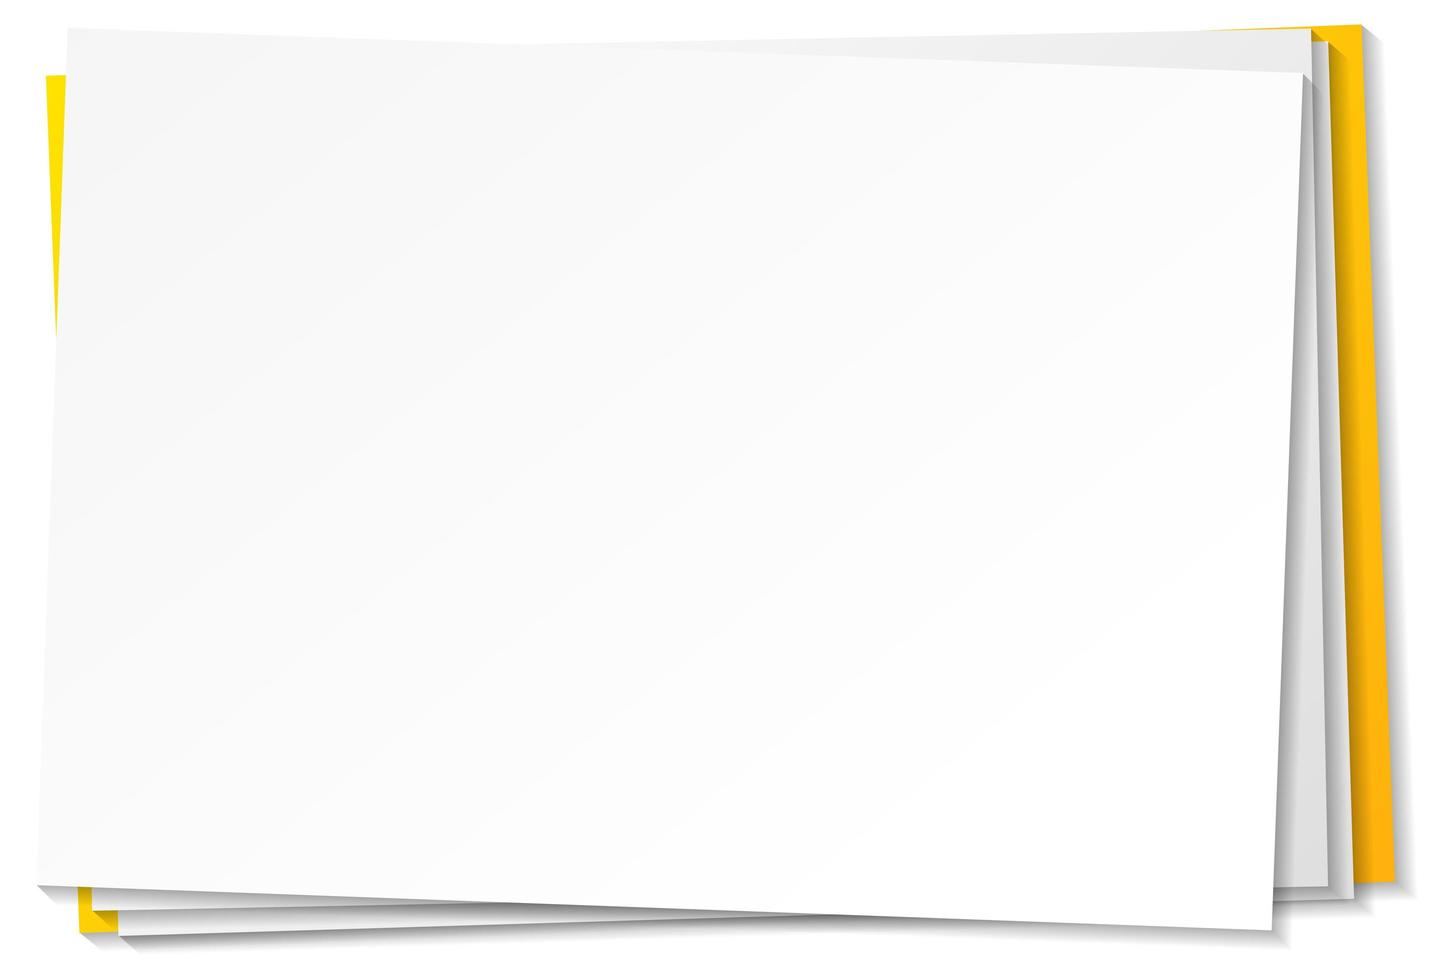 modèle de note de papier vierge sur fond blanc vecteur